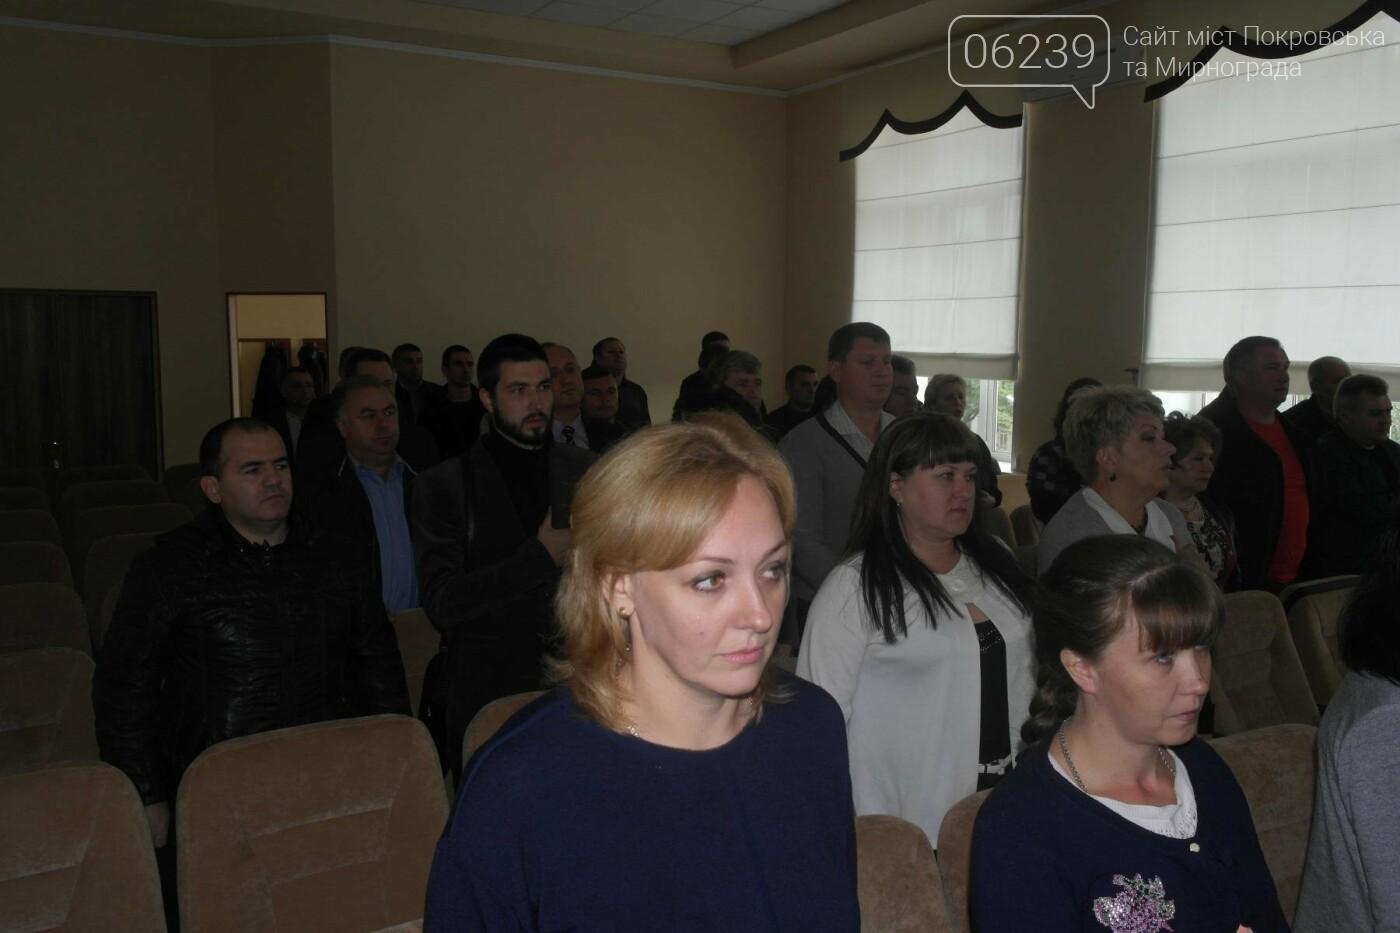 Покровские депутаты перераспределяли бюджетные средства и внесли изменения в ранее принятые решения, фото-2